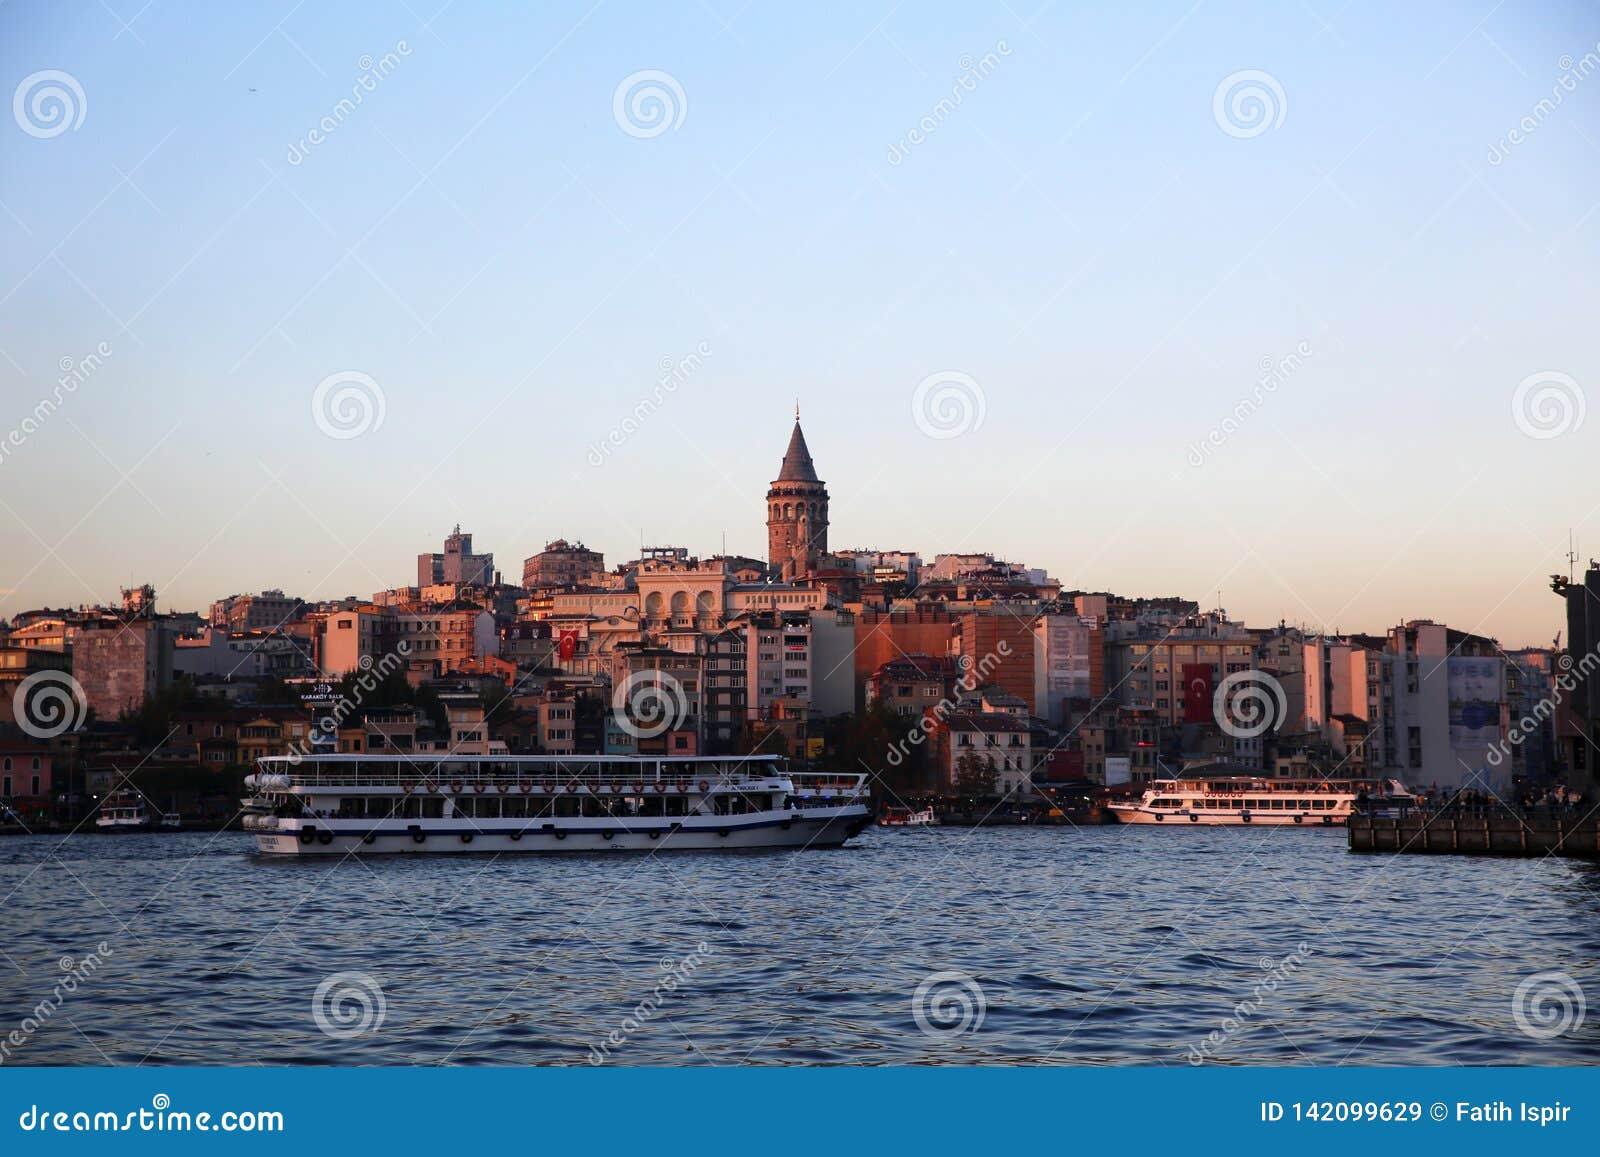 Istanbul ist eine der 81 Städte der Stadt und des Landes in der Türkei